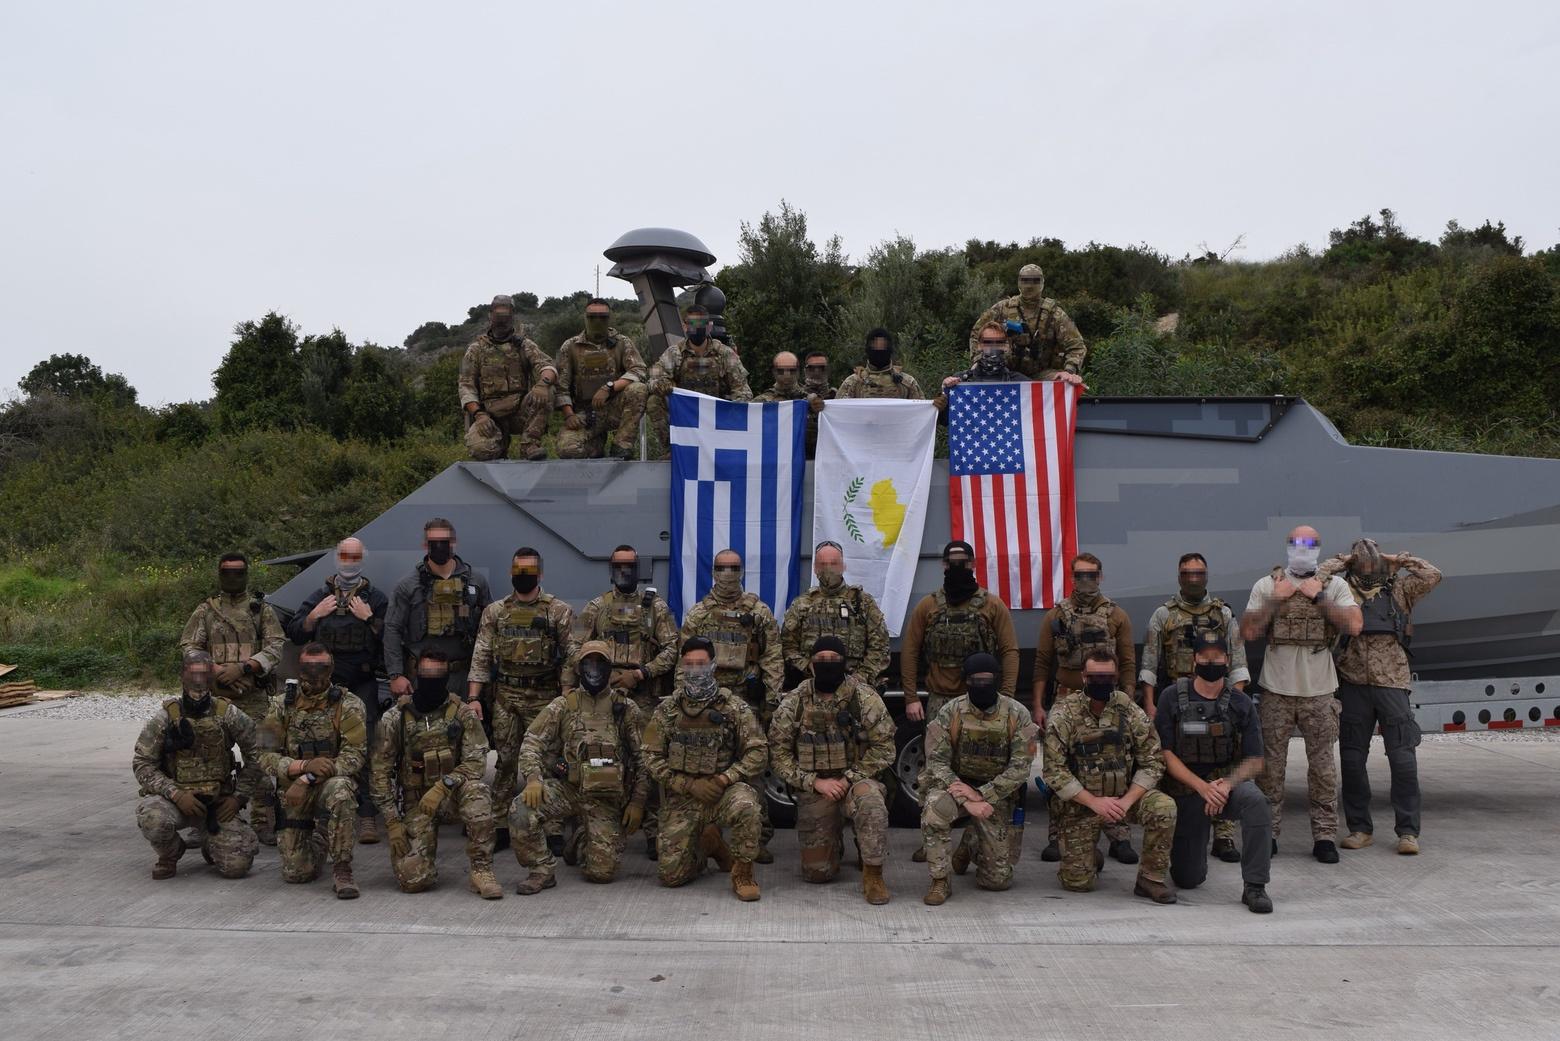 Διακρατική άσκηση Ελλάδας-Κύπρου–ΗΠΑ στη Σούδα από Δυνάμεις Ειδικών Επιχειρήσεων 1